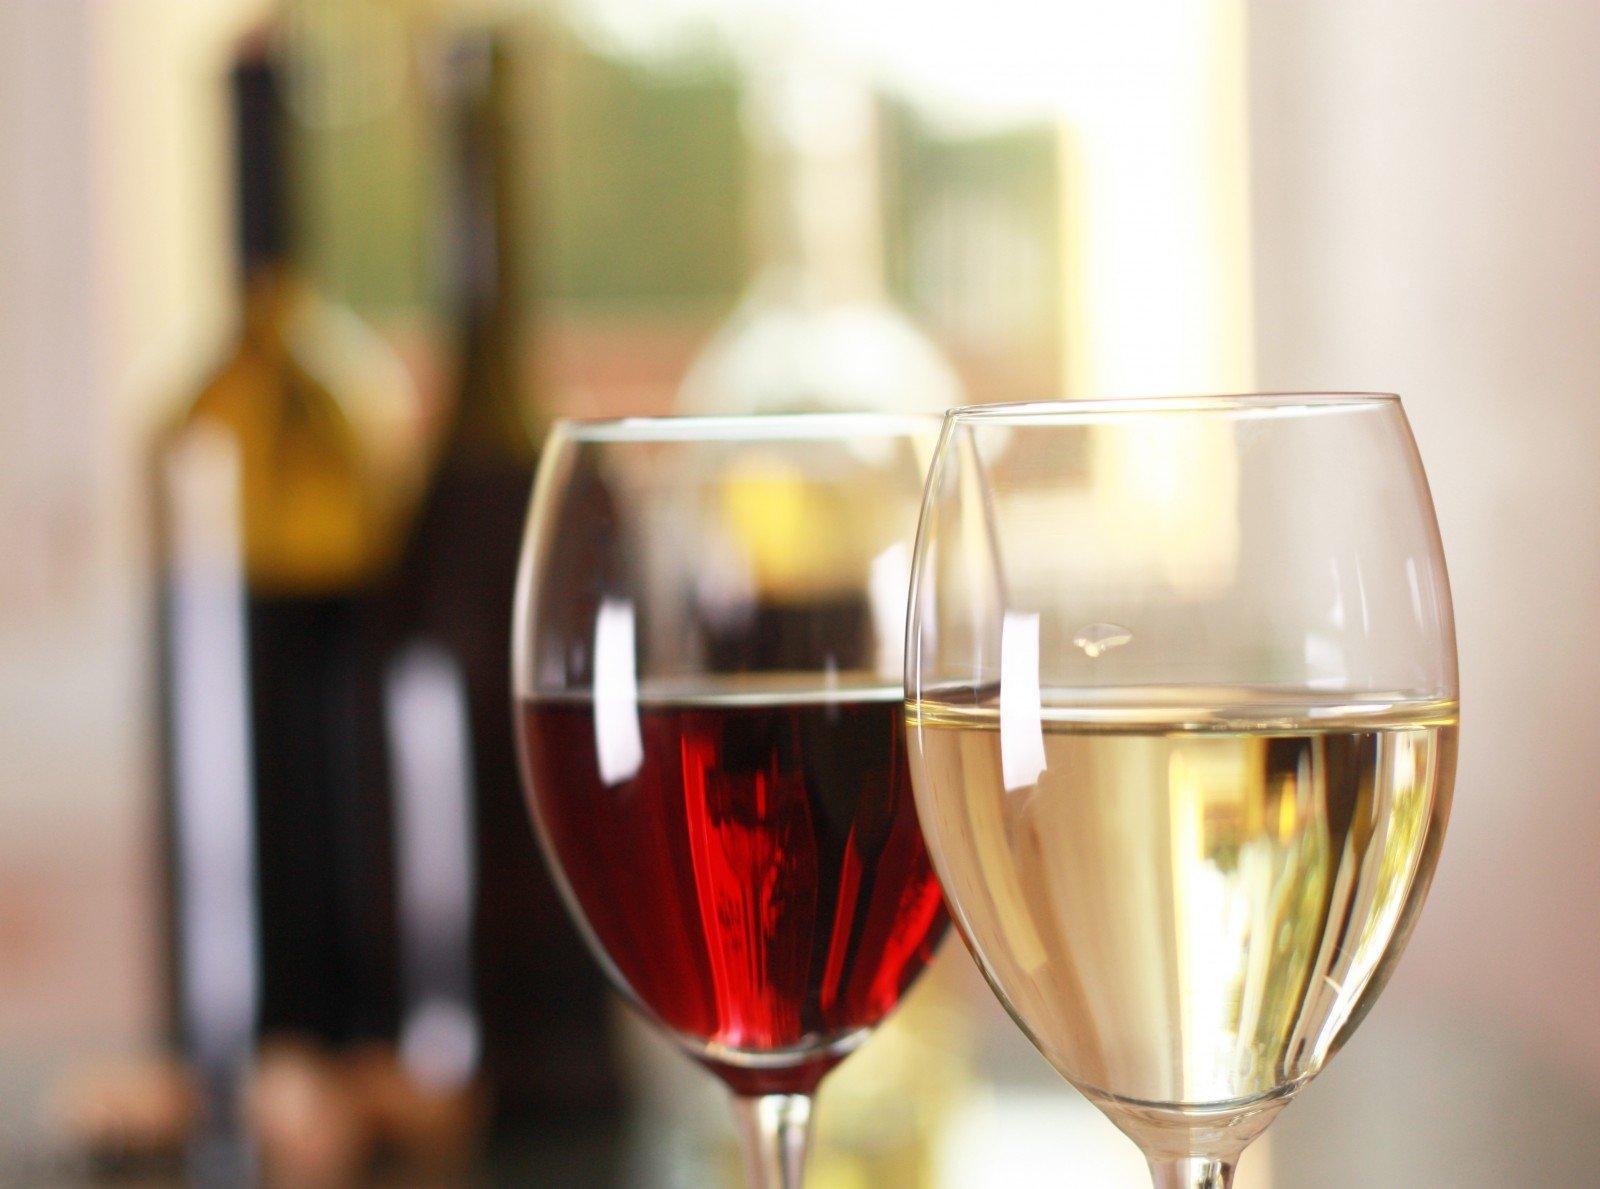 rožių vyno nauda sveikatai   taf.lt